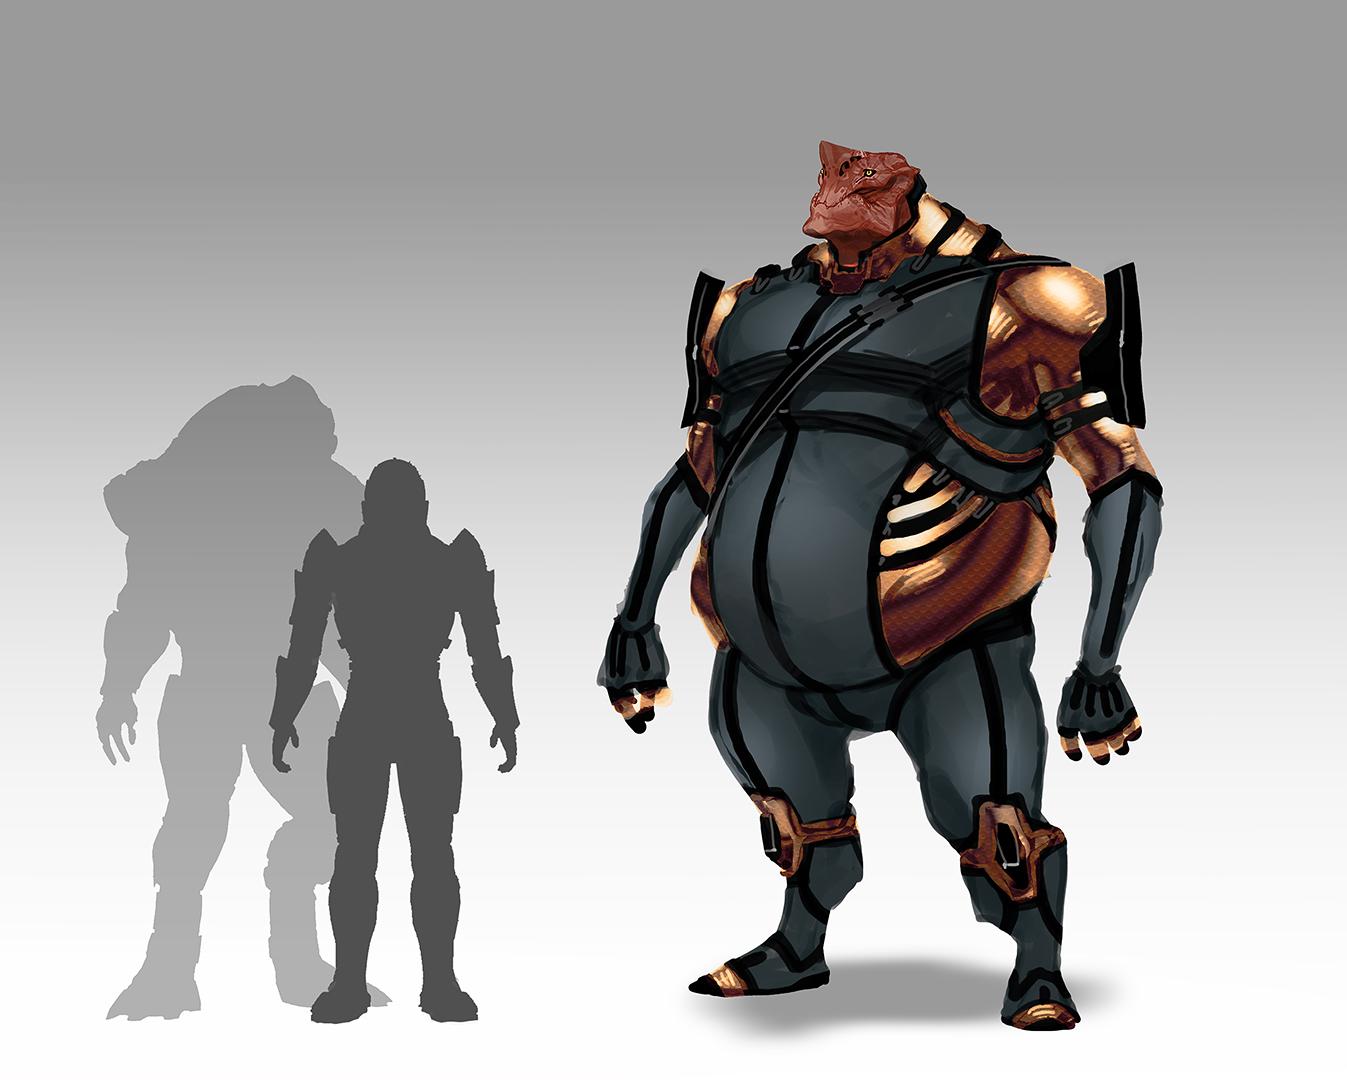 Takhle mohl původně vypadat Mass Effect a Dragon Age 85162